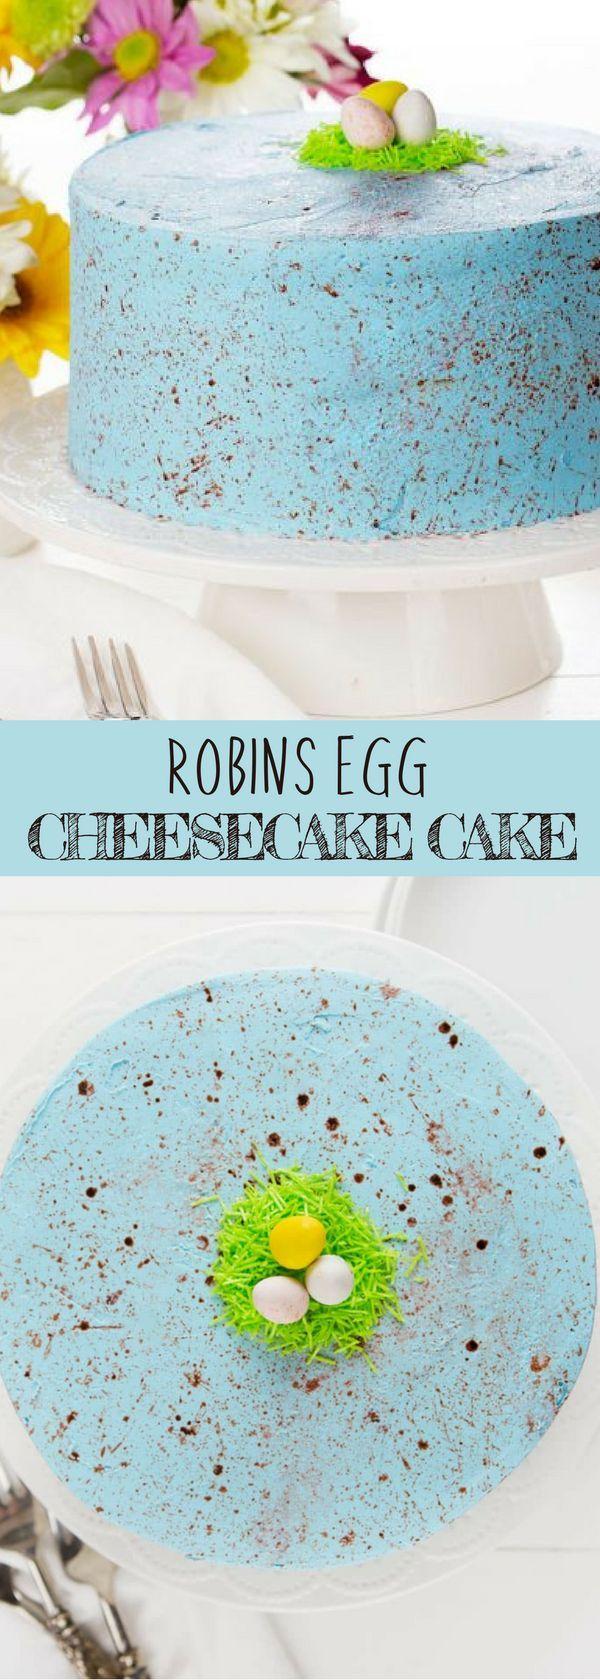 Robin's Egg Cheesecake